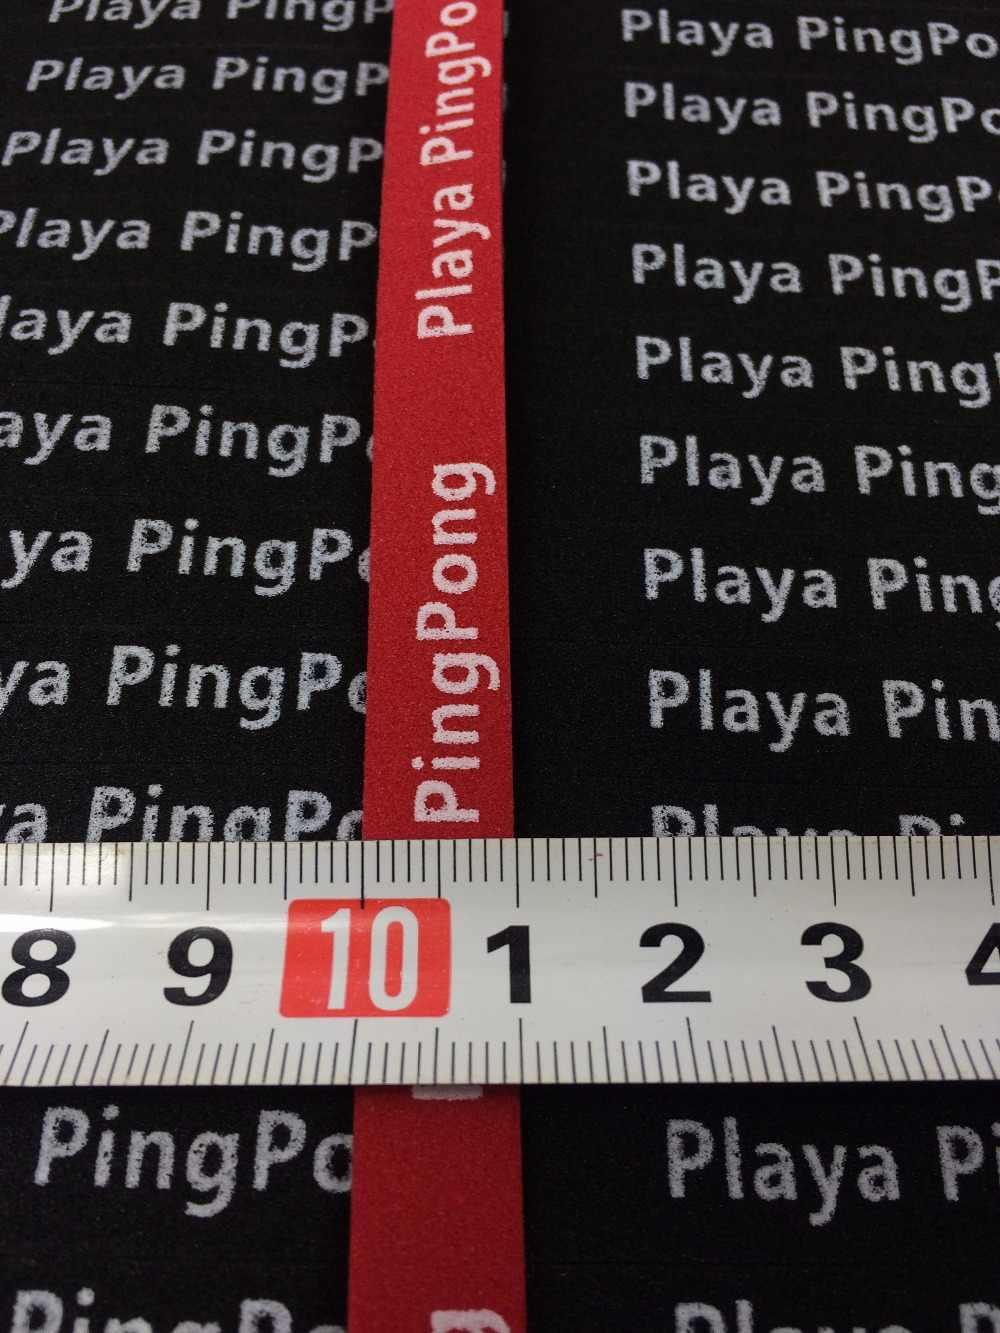 3 ชิ้น/ล็อต 10mm-Wide Professional ไม้เทนนิสตารางขอบป้องกันเทปฟองน้ำ Anti-collision เทปเทนนิส